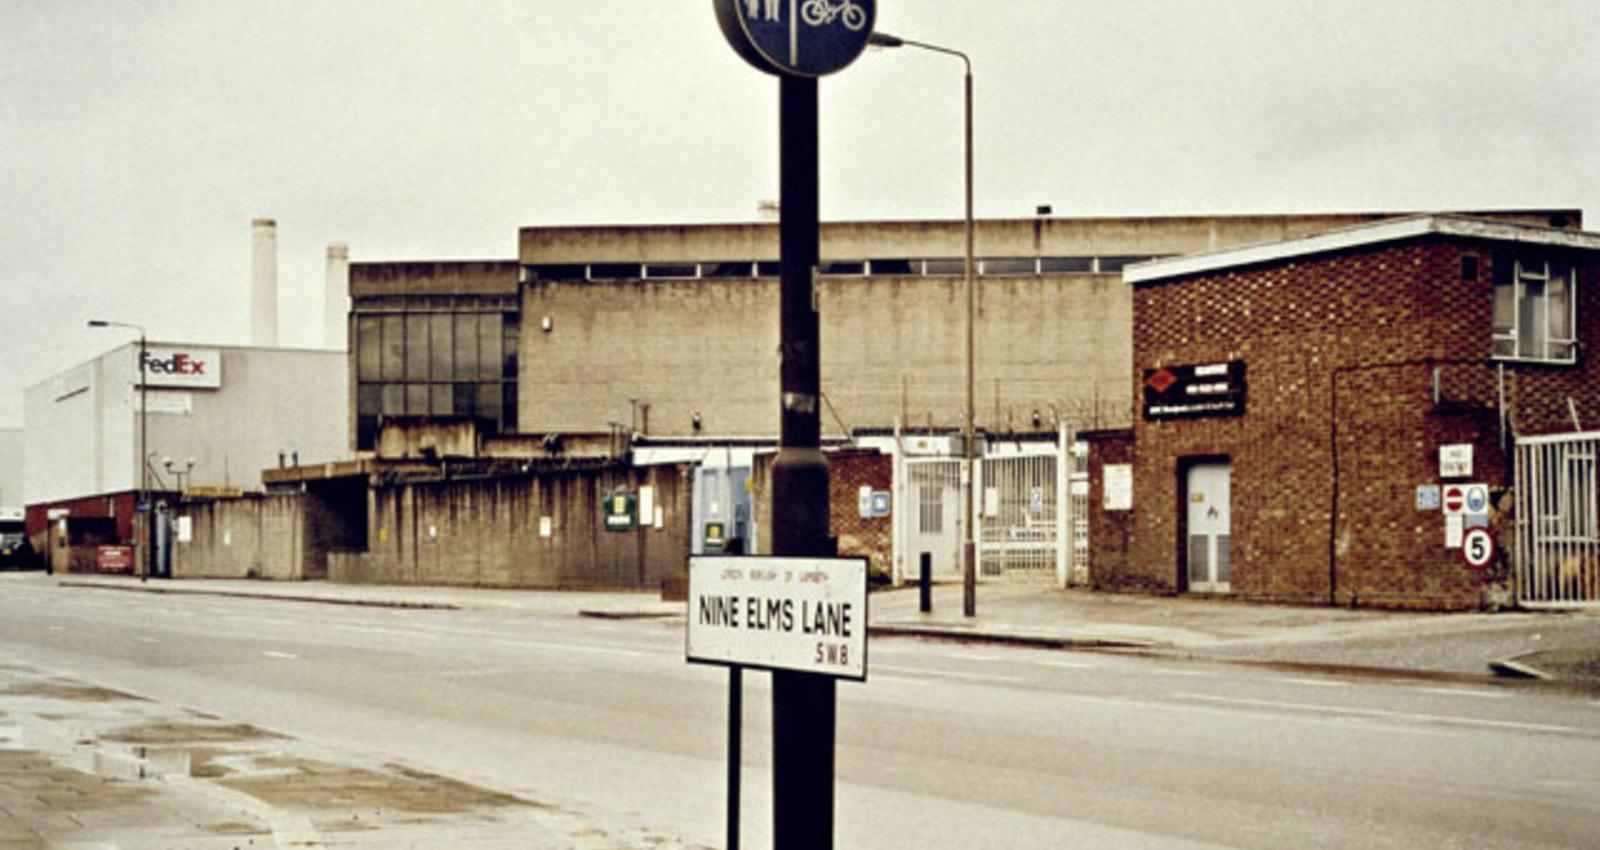 Nine Elms Lane, Pear Tree Street, Beech Street